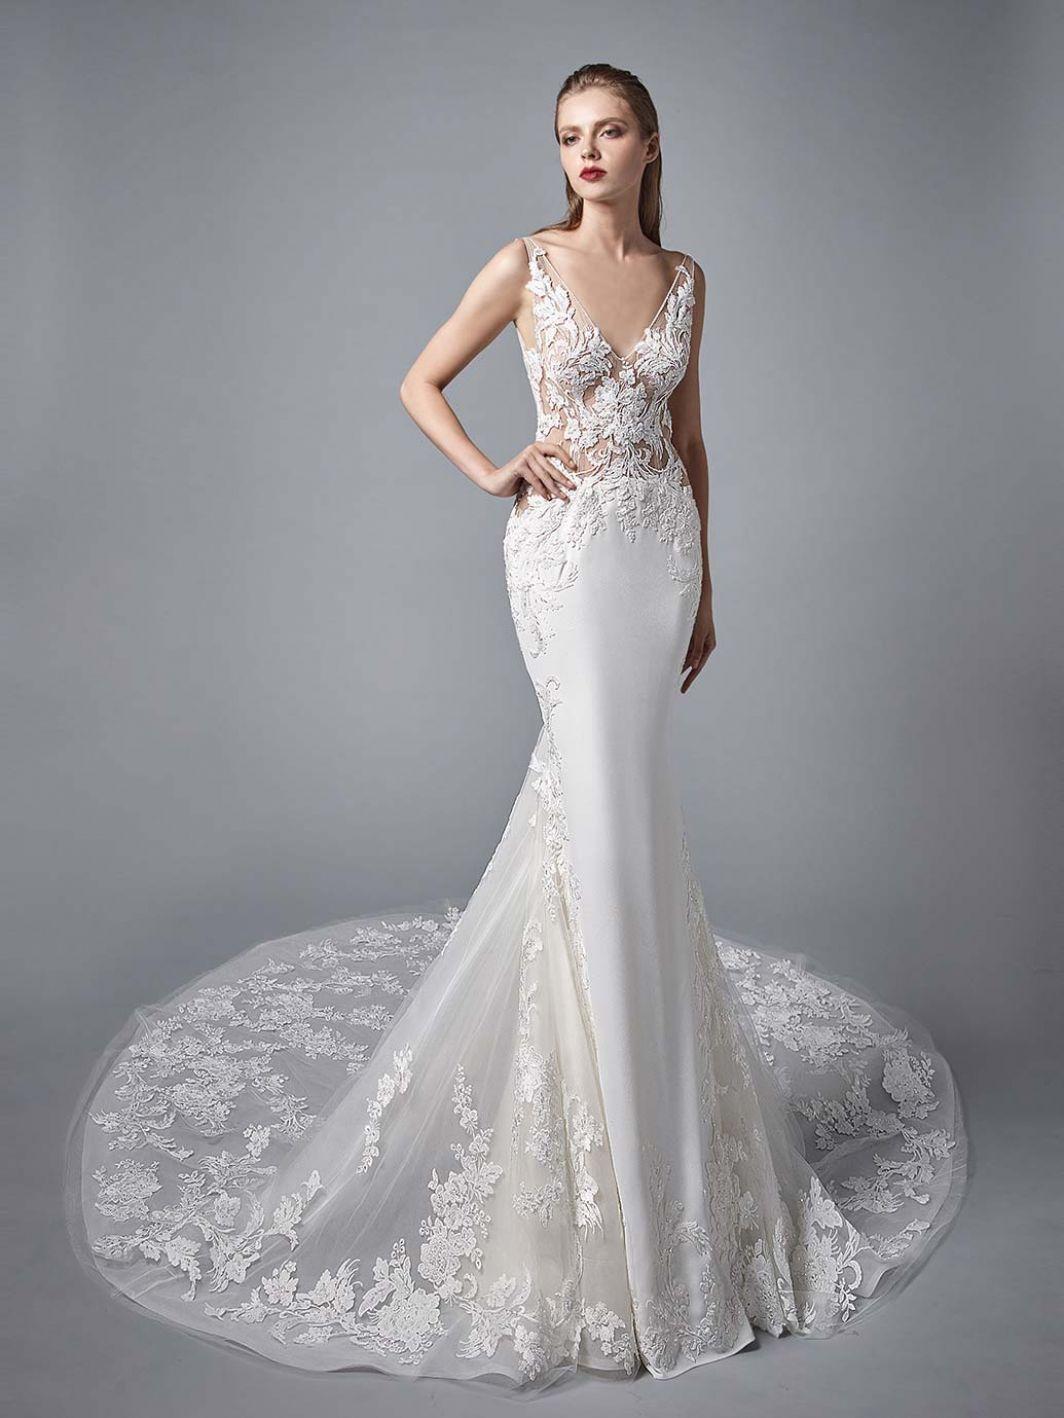 ... wedding dress from Enzoani. 2019 Enzoani - Noelle 5952db605d12